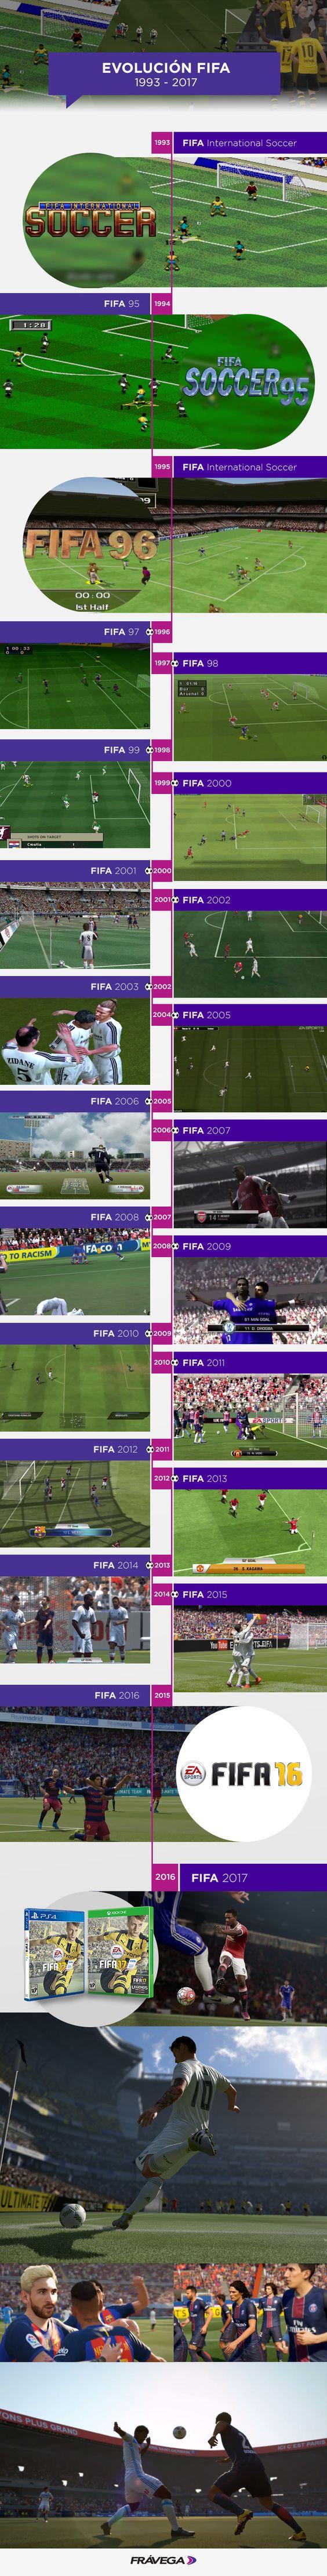 ¡Nuevos jugadores y mejores gráficos! Mirá los cambios del Fifa desde sus inicios. ¿Cuál fue tu preferido? #MundoGamer